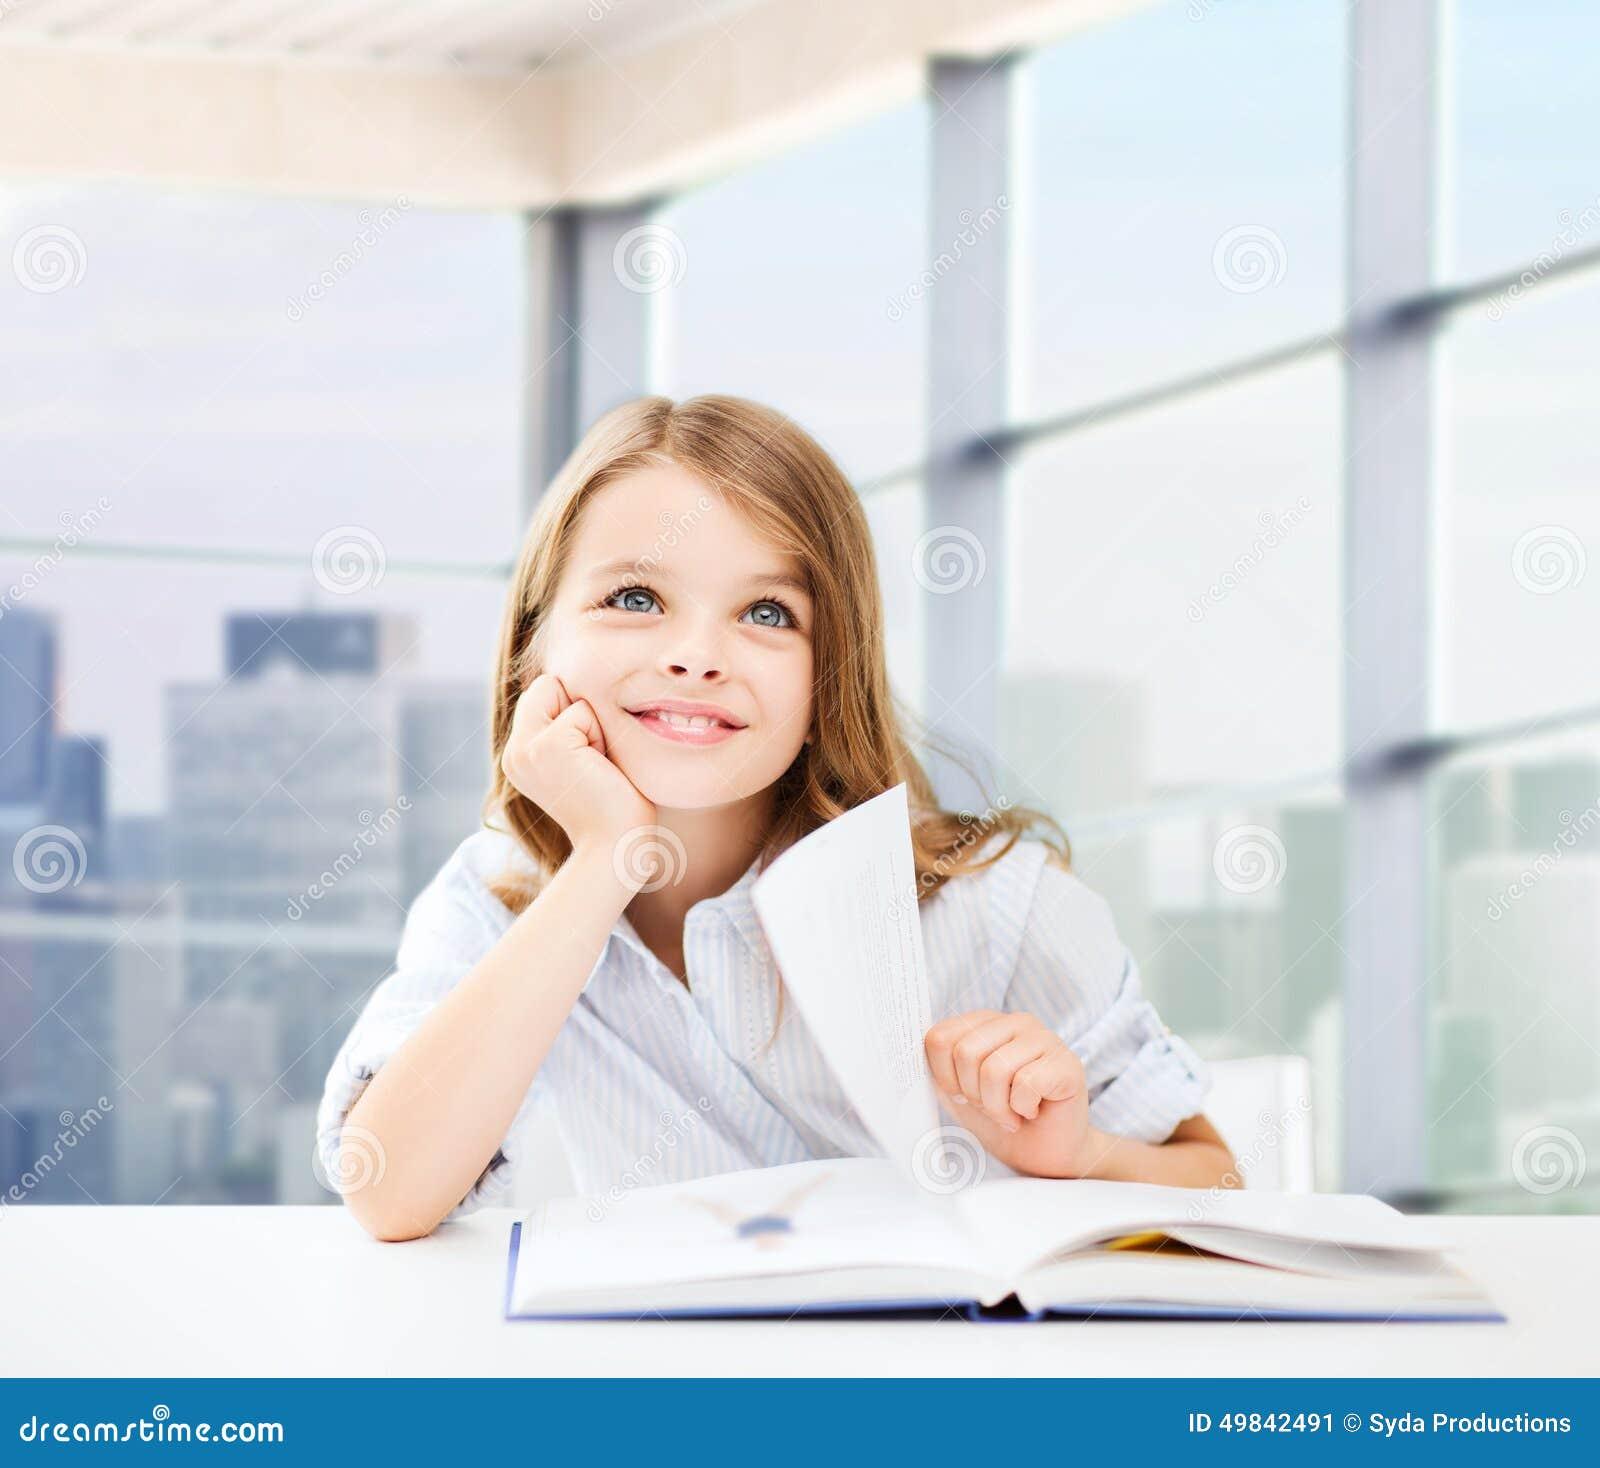 教室,孩子和人们概念-具备与书的桌上和写在思维学校的笔记本的小学生的坐在能力背景高中生所图片